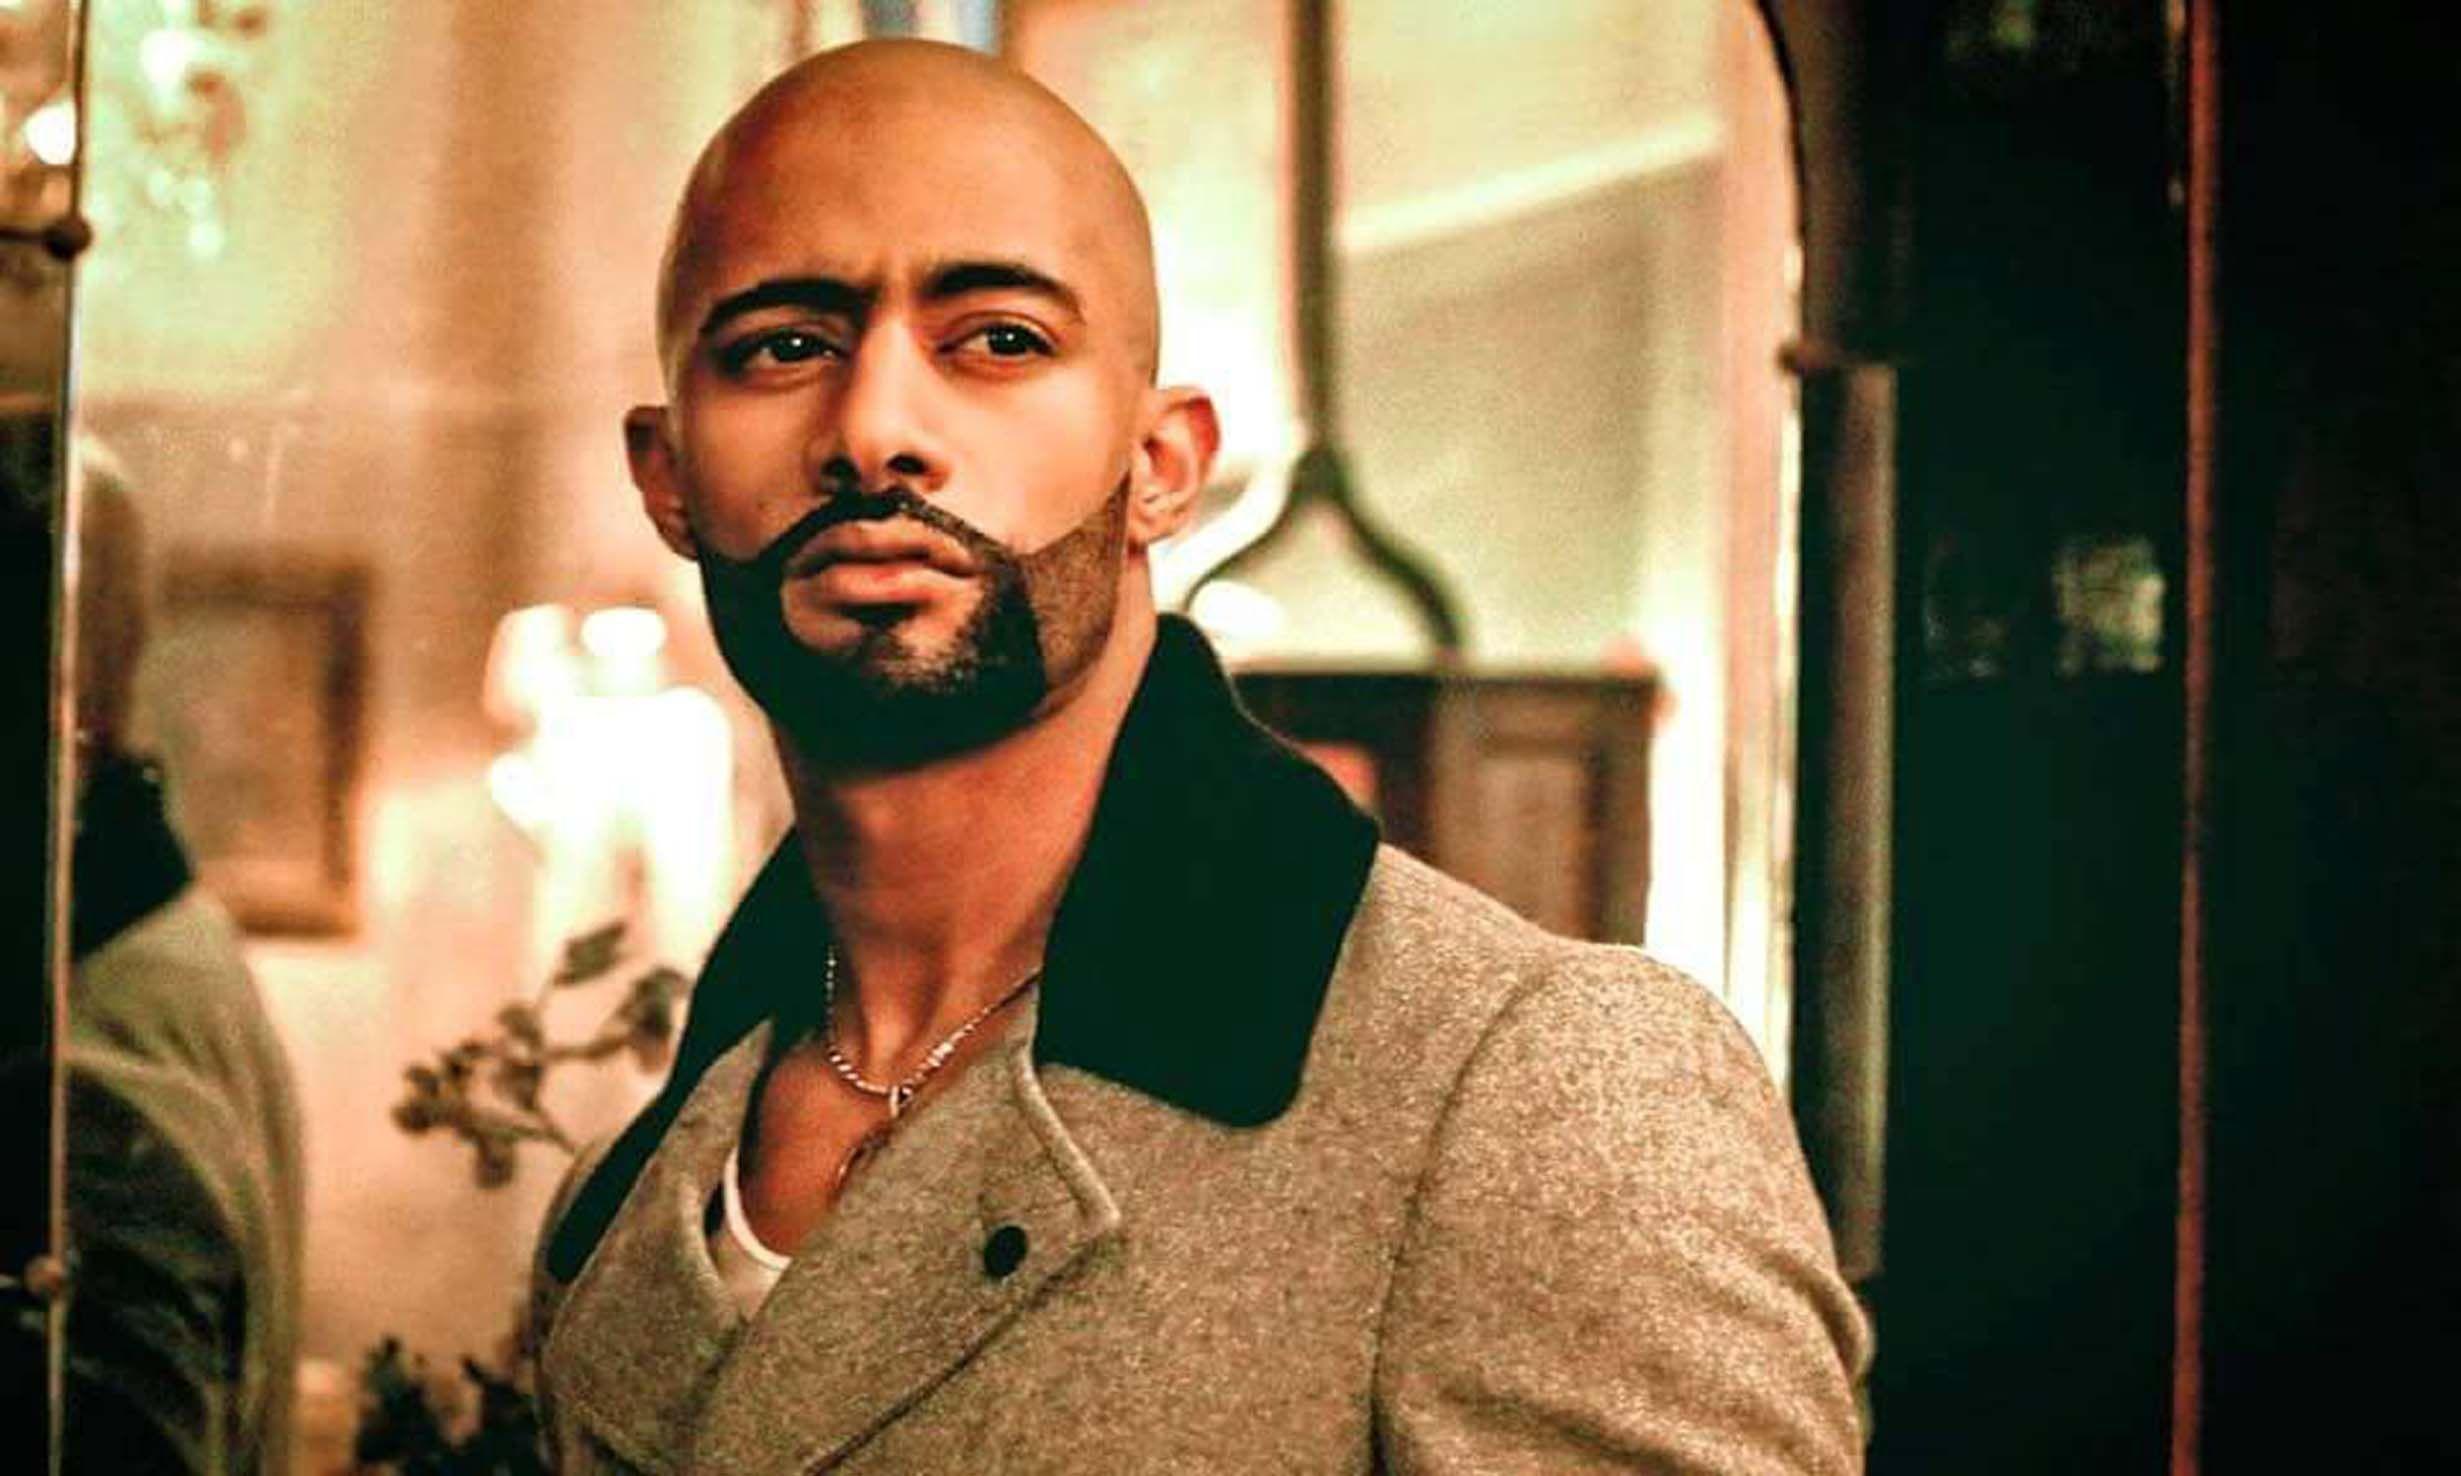 محمد رمضان من مسلسل الاسطورة Actors Ramadan Actors Actresses